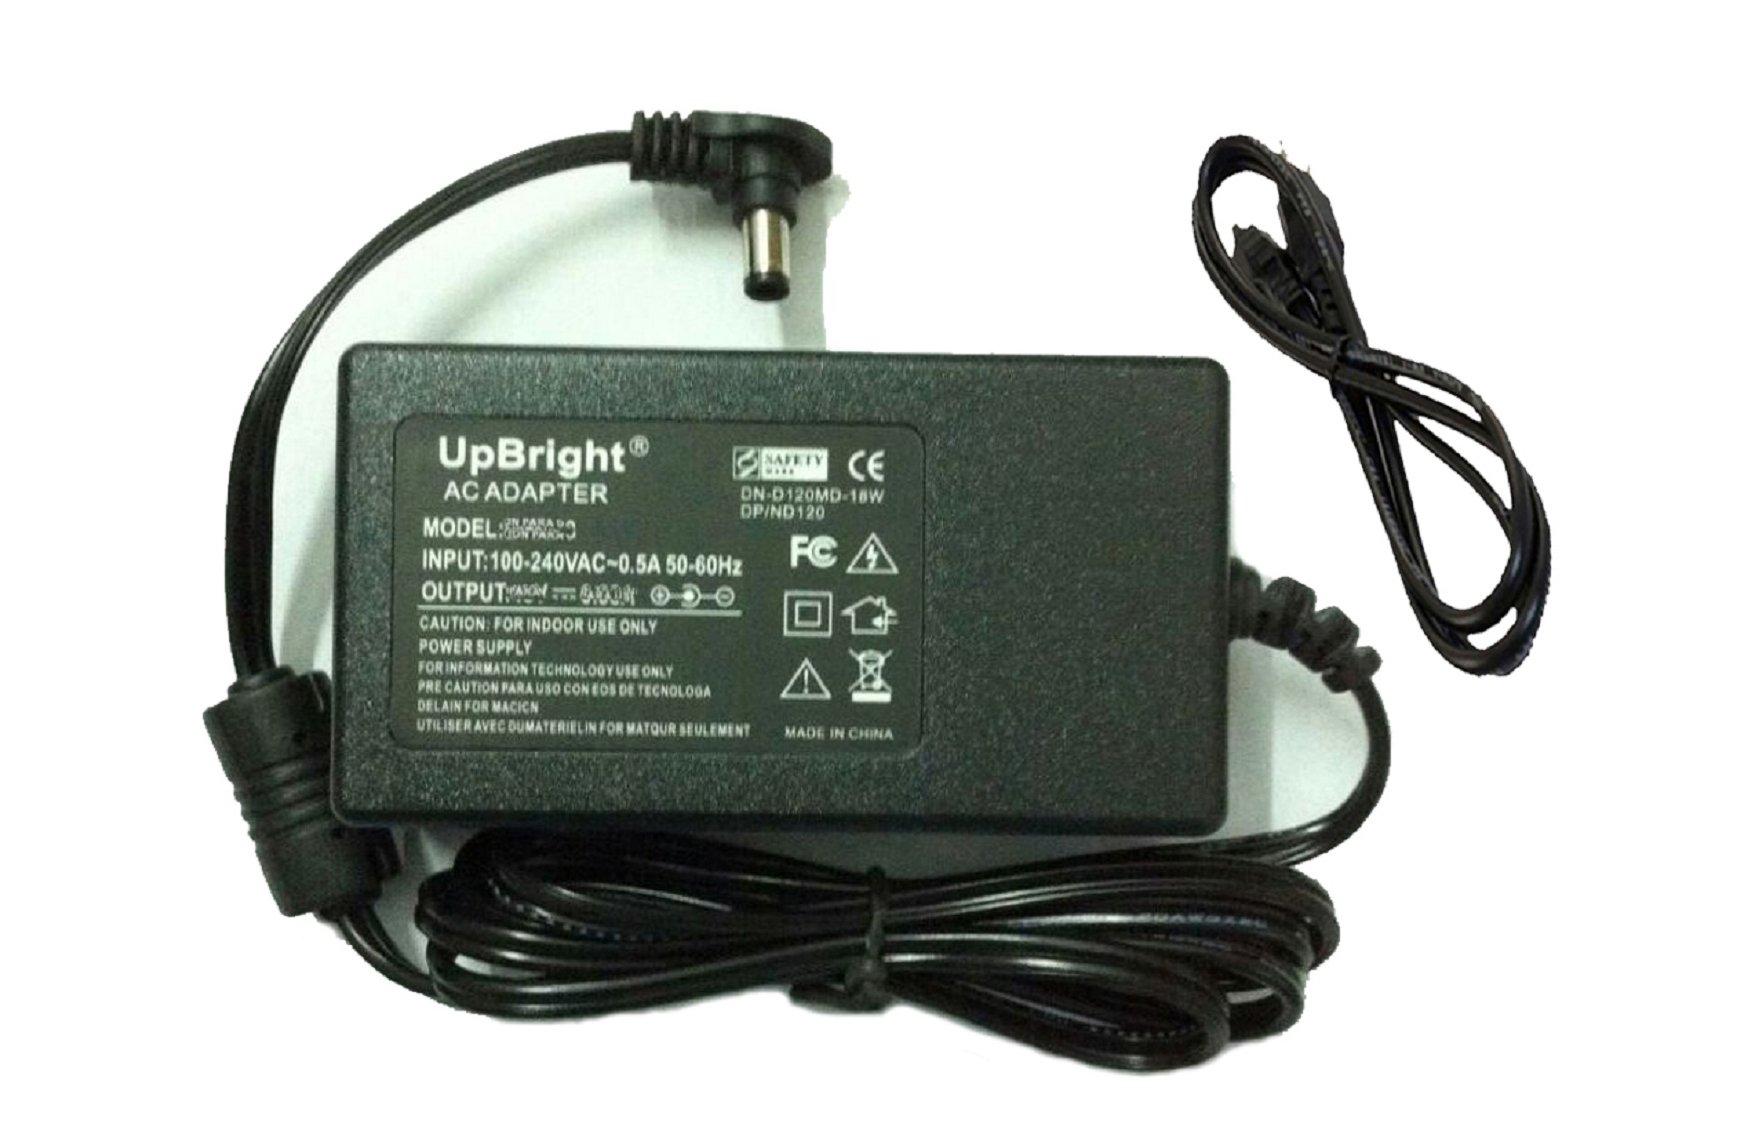 UpBright 48V AC Power Adapter For Polycom PSC18U-480 1465-42740-001 IP Phone VVX 300 301 310 311 400 401 410 SoundPoint 2200-17671-001 SoundStation IP 5000 6000 560 670 Avaya 1692 48VDC 0.31A - 0.4A